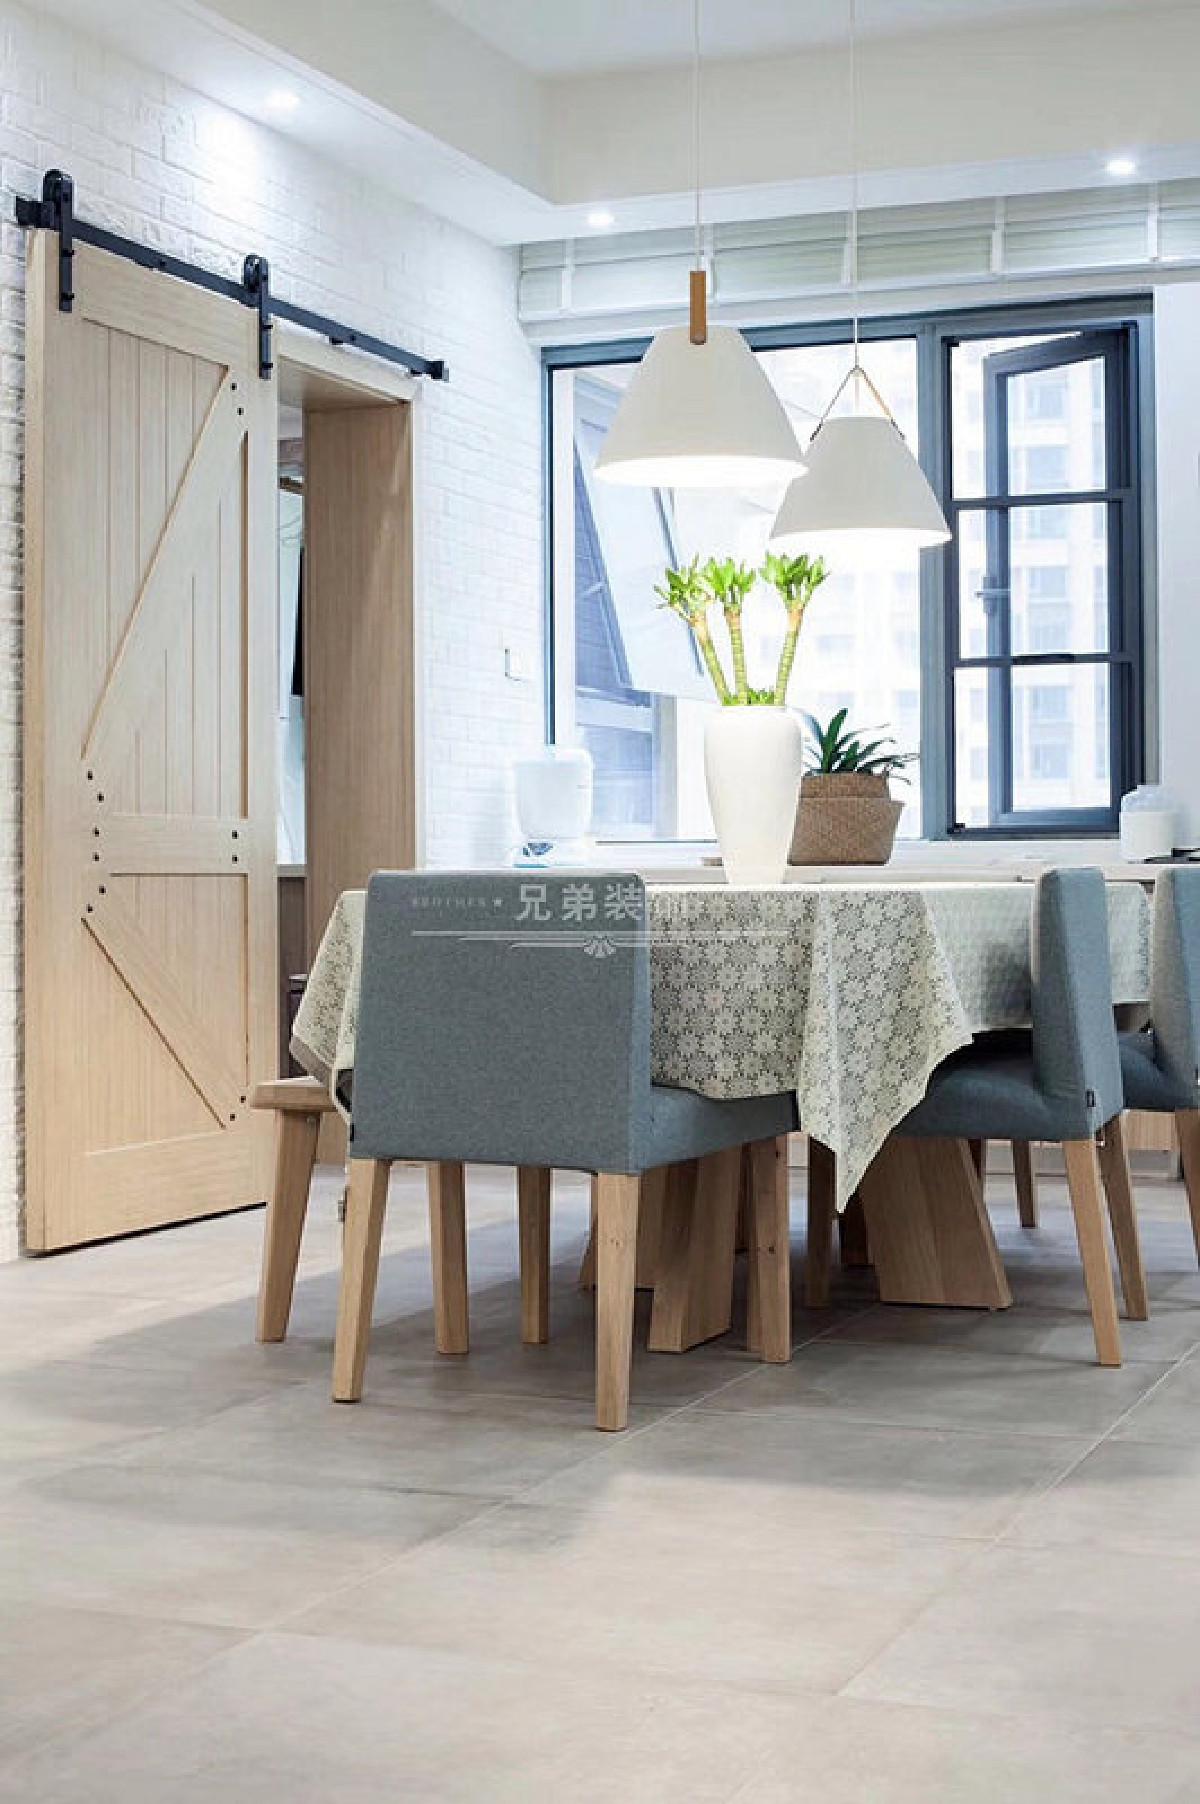 精心选搭高质感的家具、软件及装饰摆件,堆栈生活的品味与美感,让人置身其中,都时刻能感受到无比的舒适与幸福。